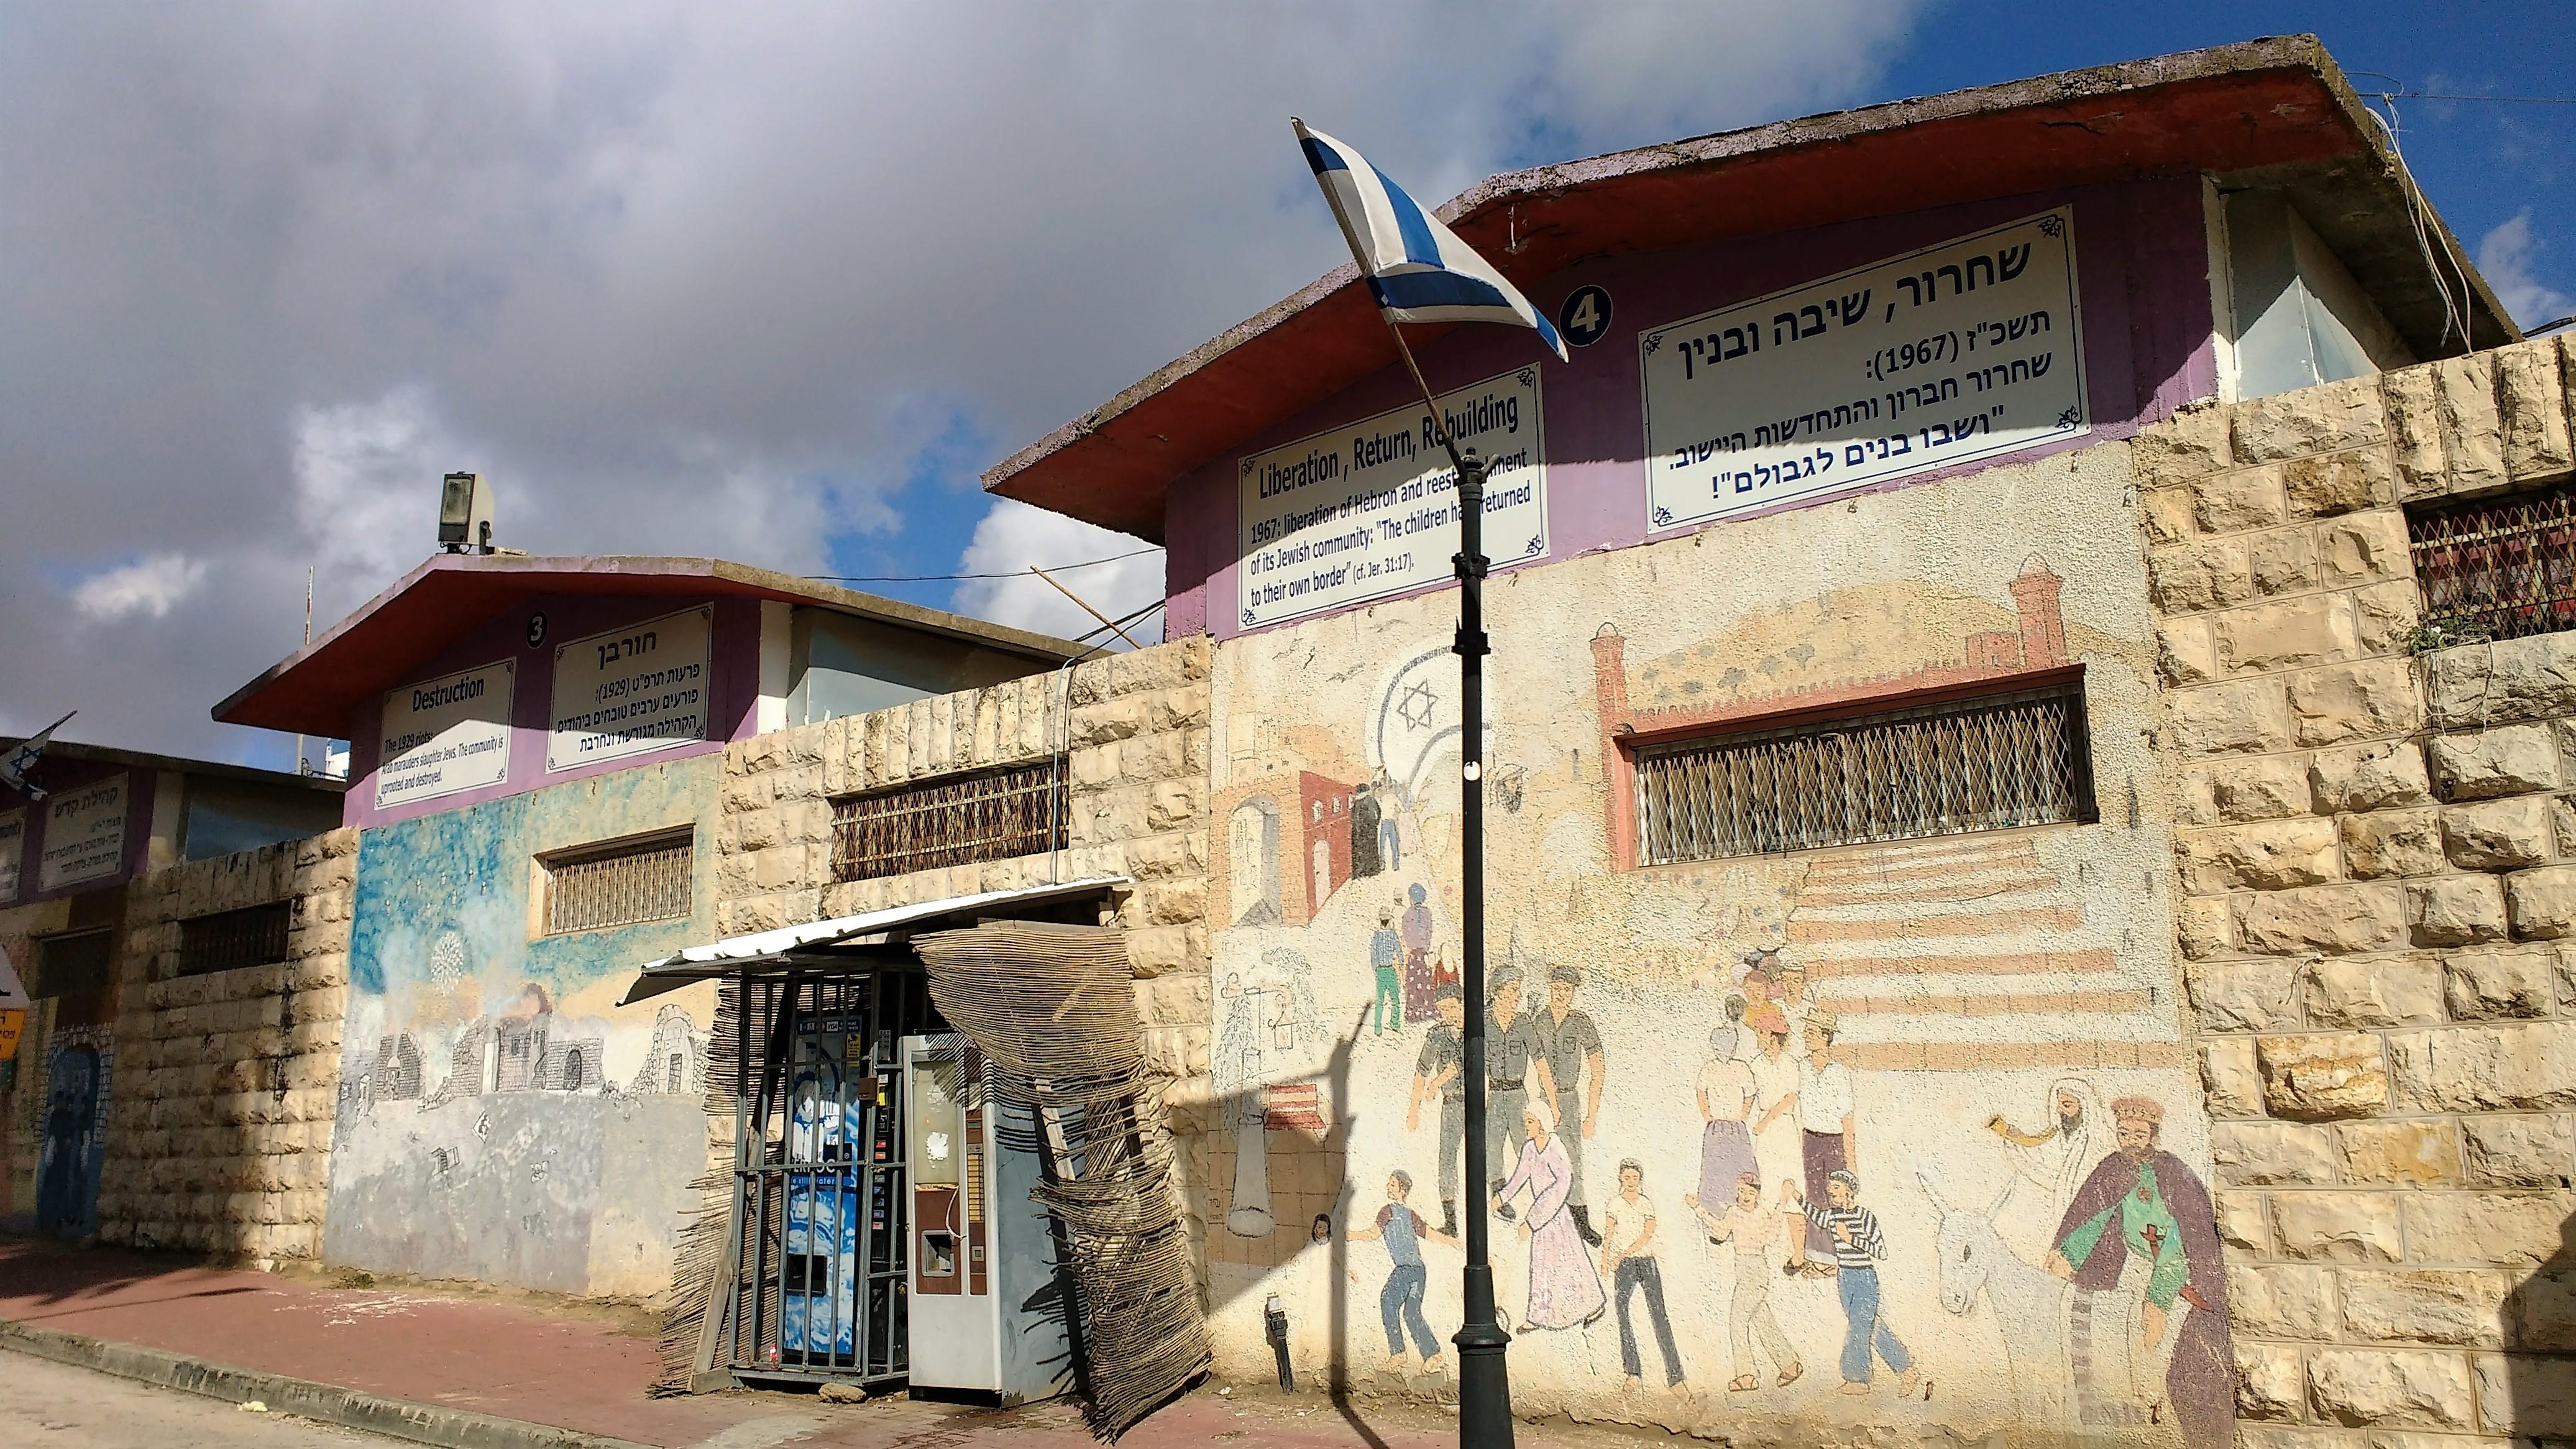 """a narrativa judía sobre la retoma de la ciudad vieja en Hebrón, """"Liberación, retorno, reconstrucción. Los niños han retornado a sus fronteras"""". Foto: Susana Norman"""